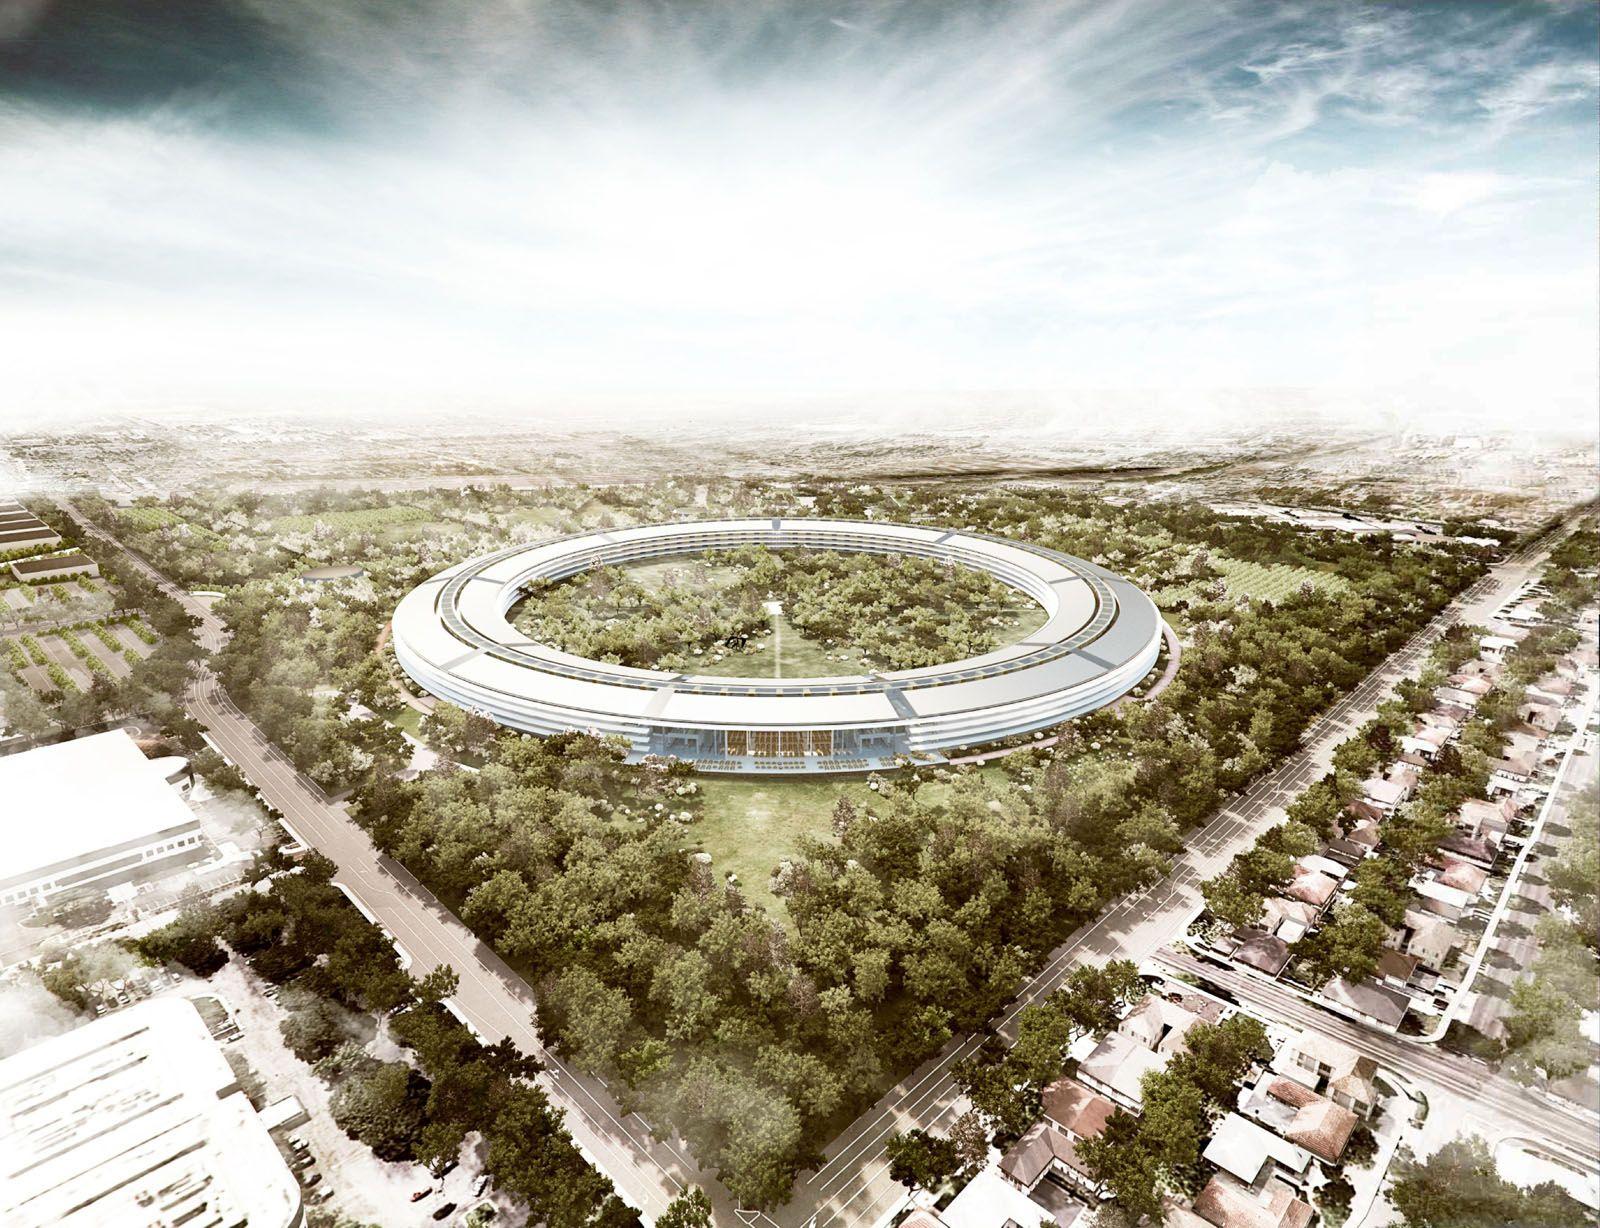 New-Apple-Campus-Renderings_2